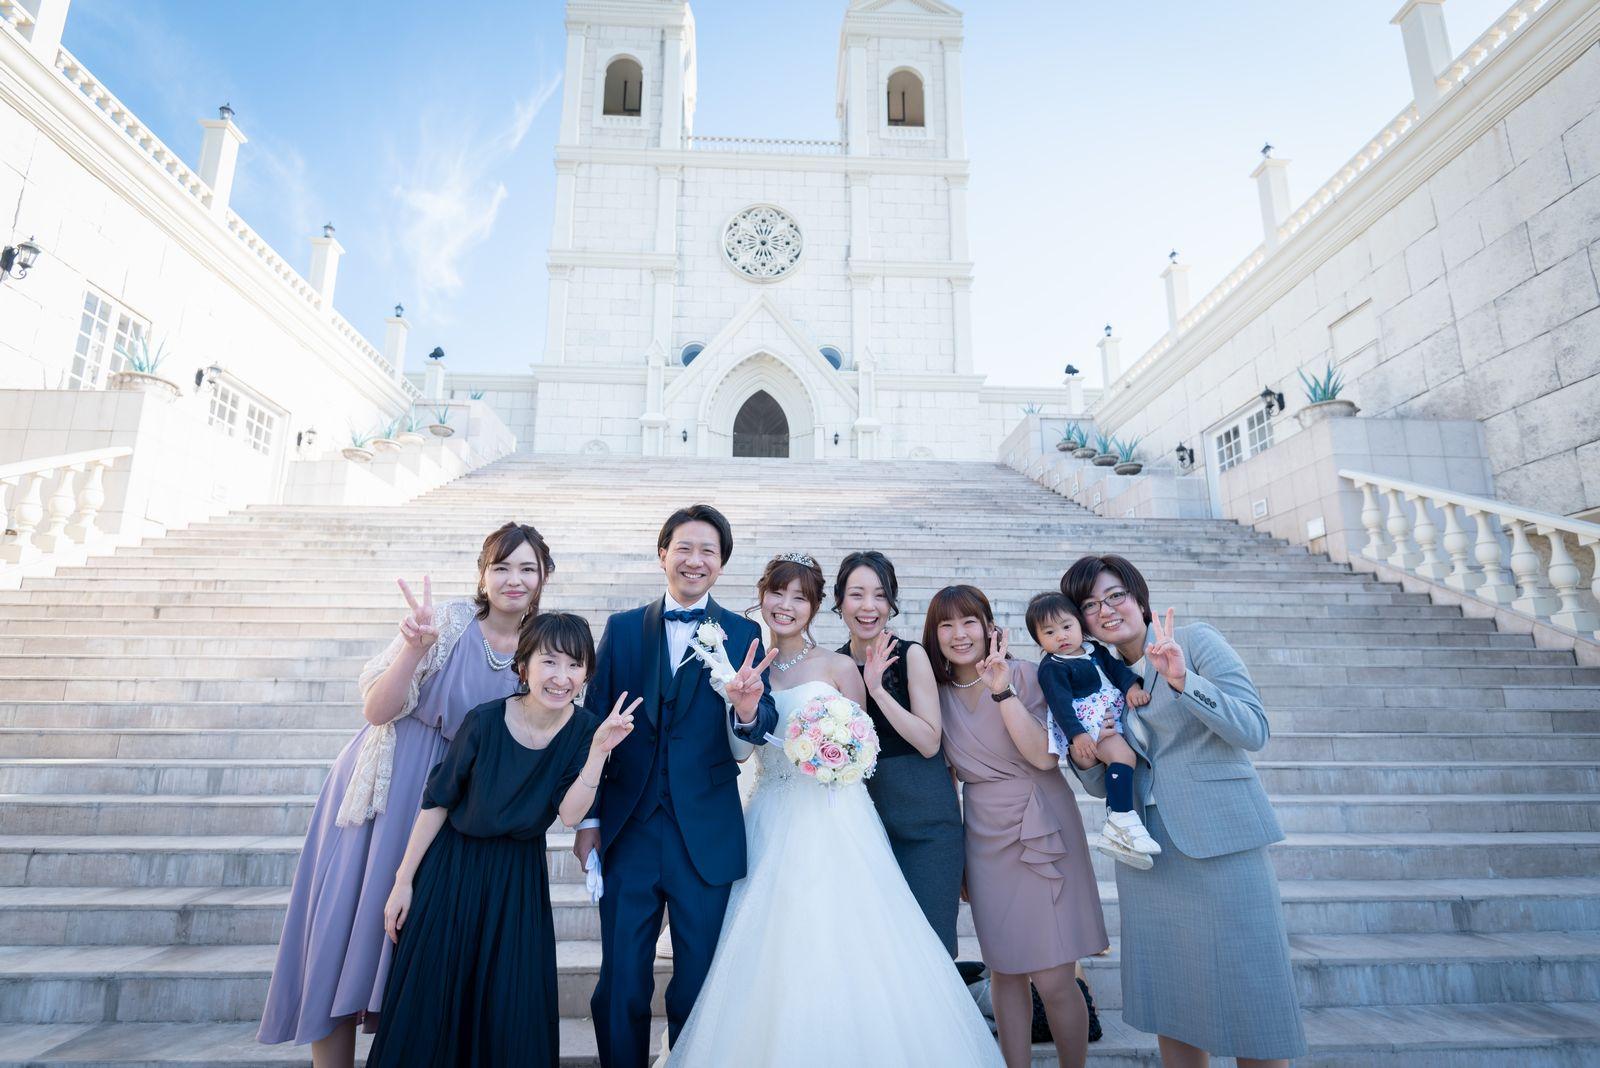 香川県の結婚式場のシェルエメール&アイスタイル 大階段での記念写真